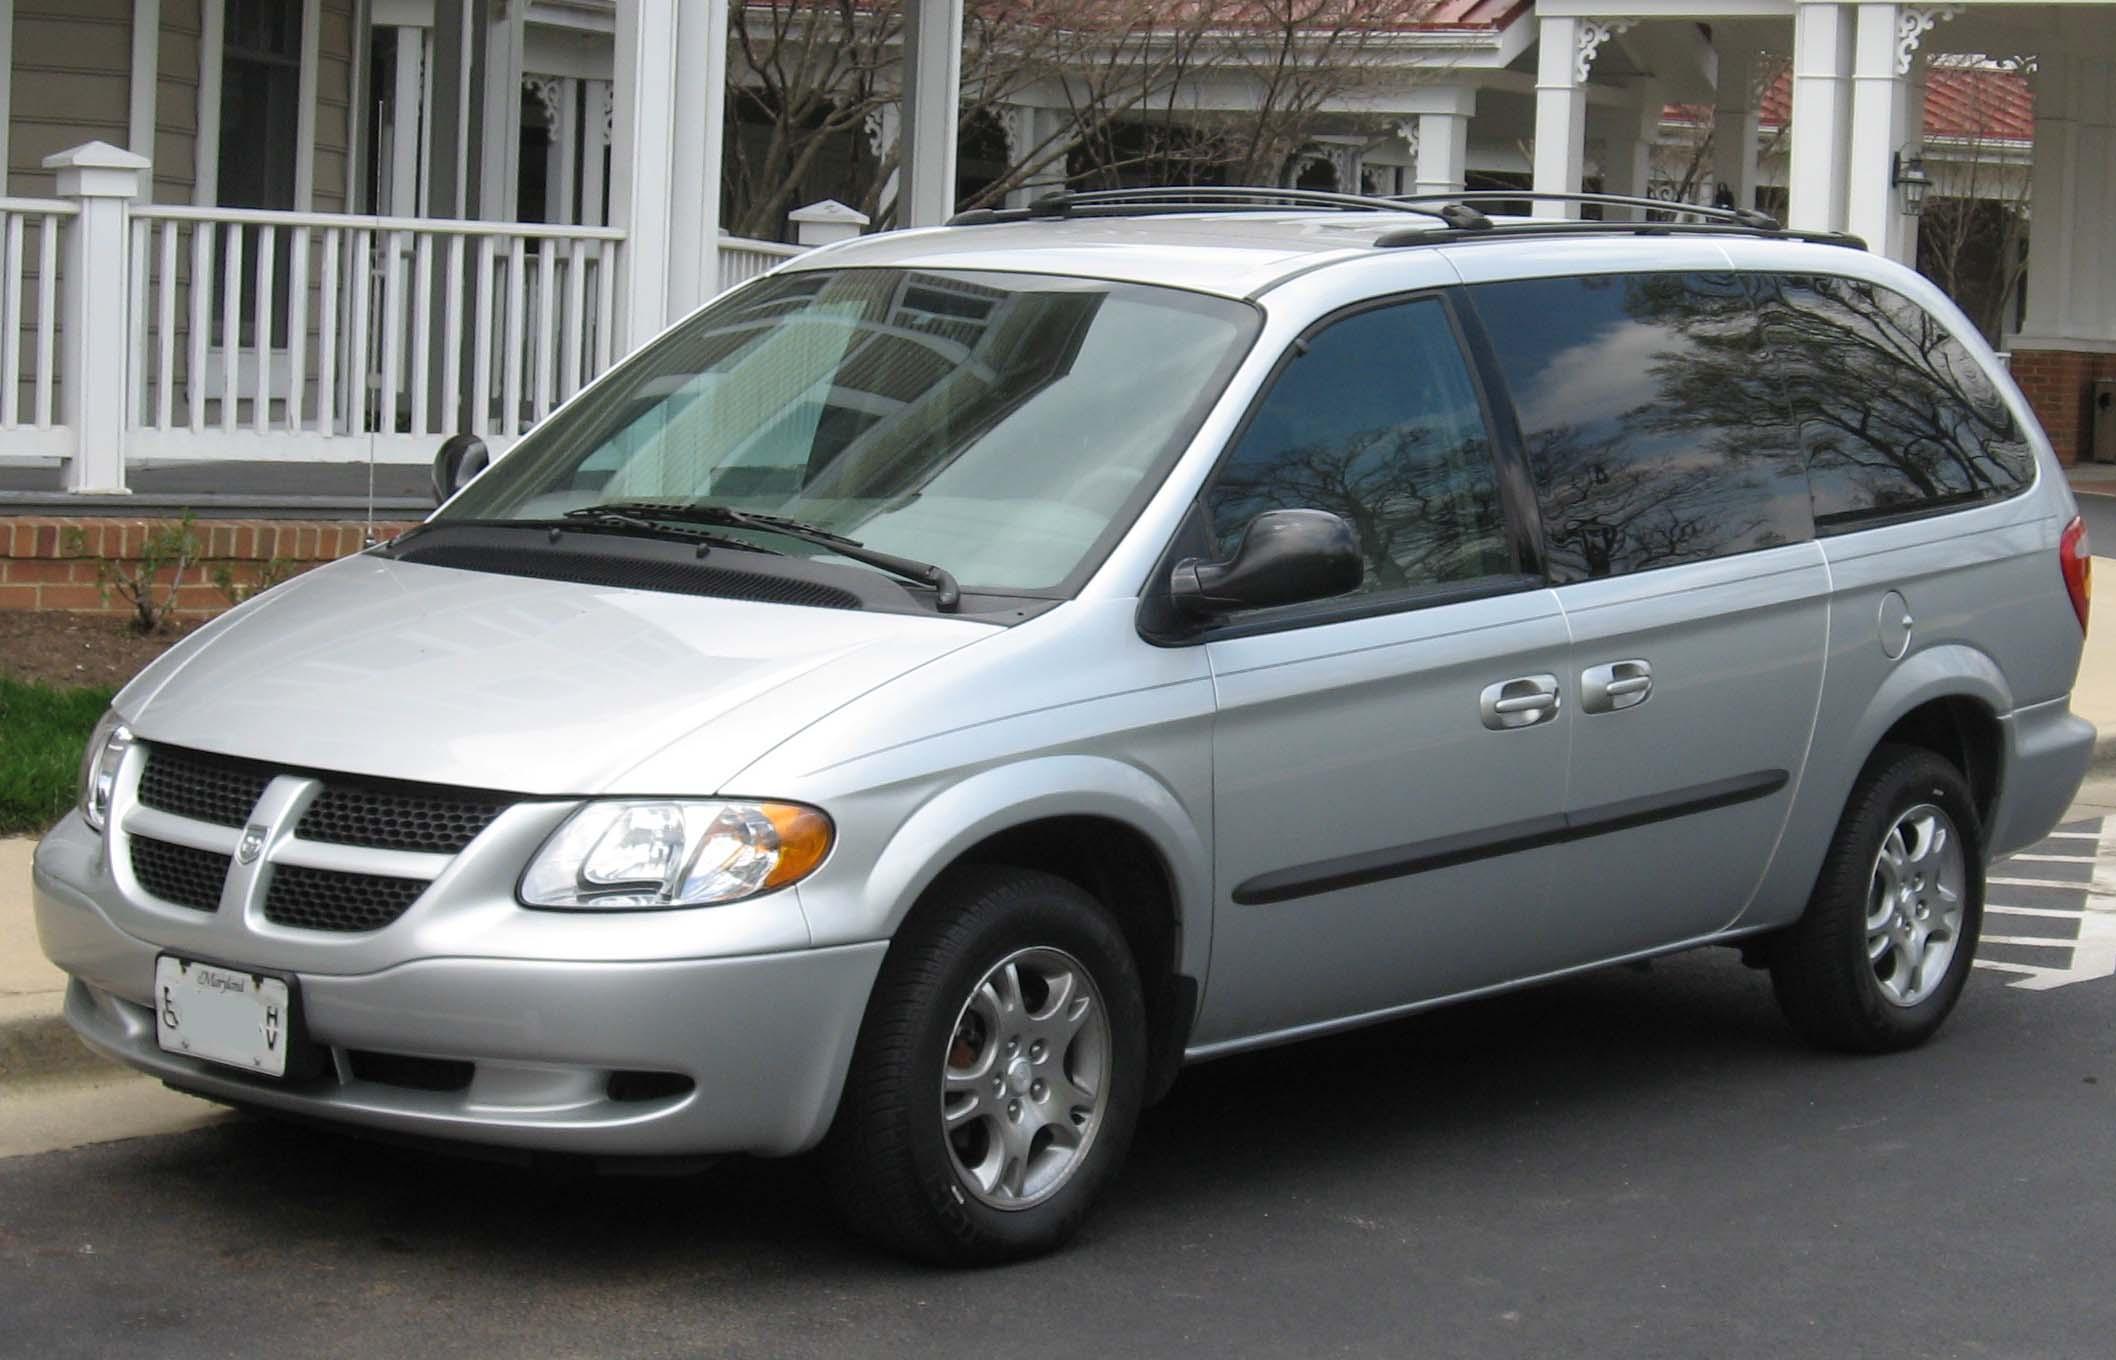 Dodge Caravan 2002 foto - 2